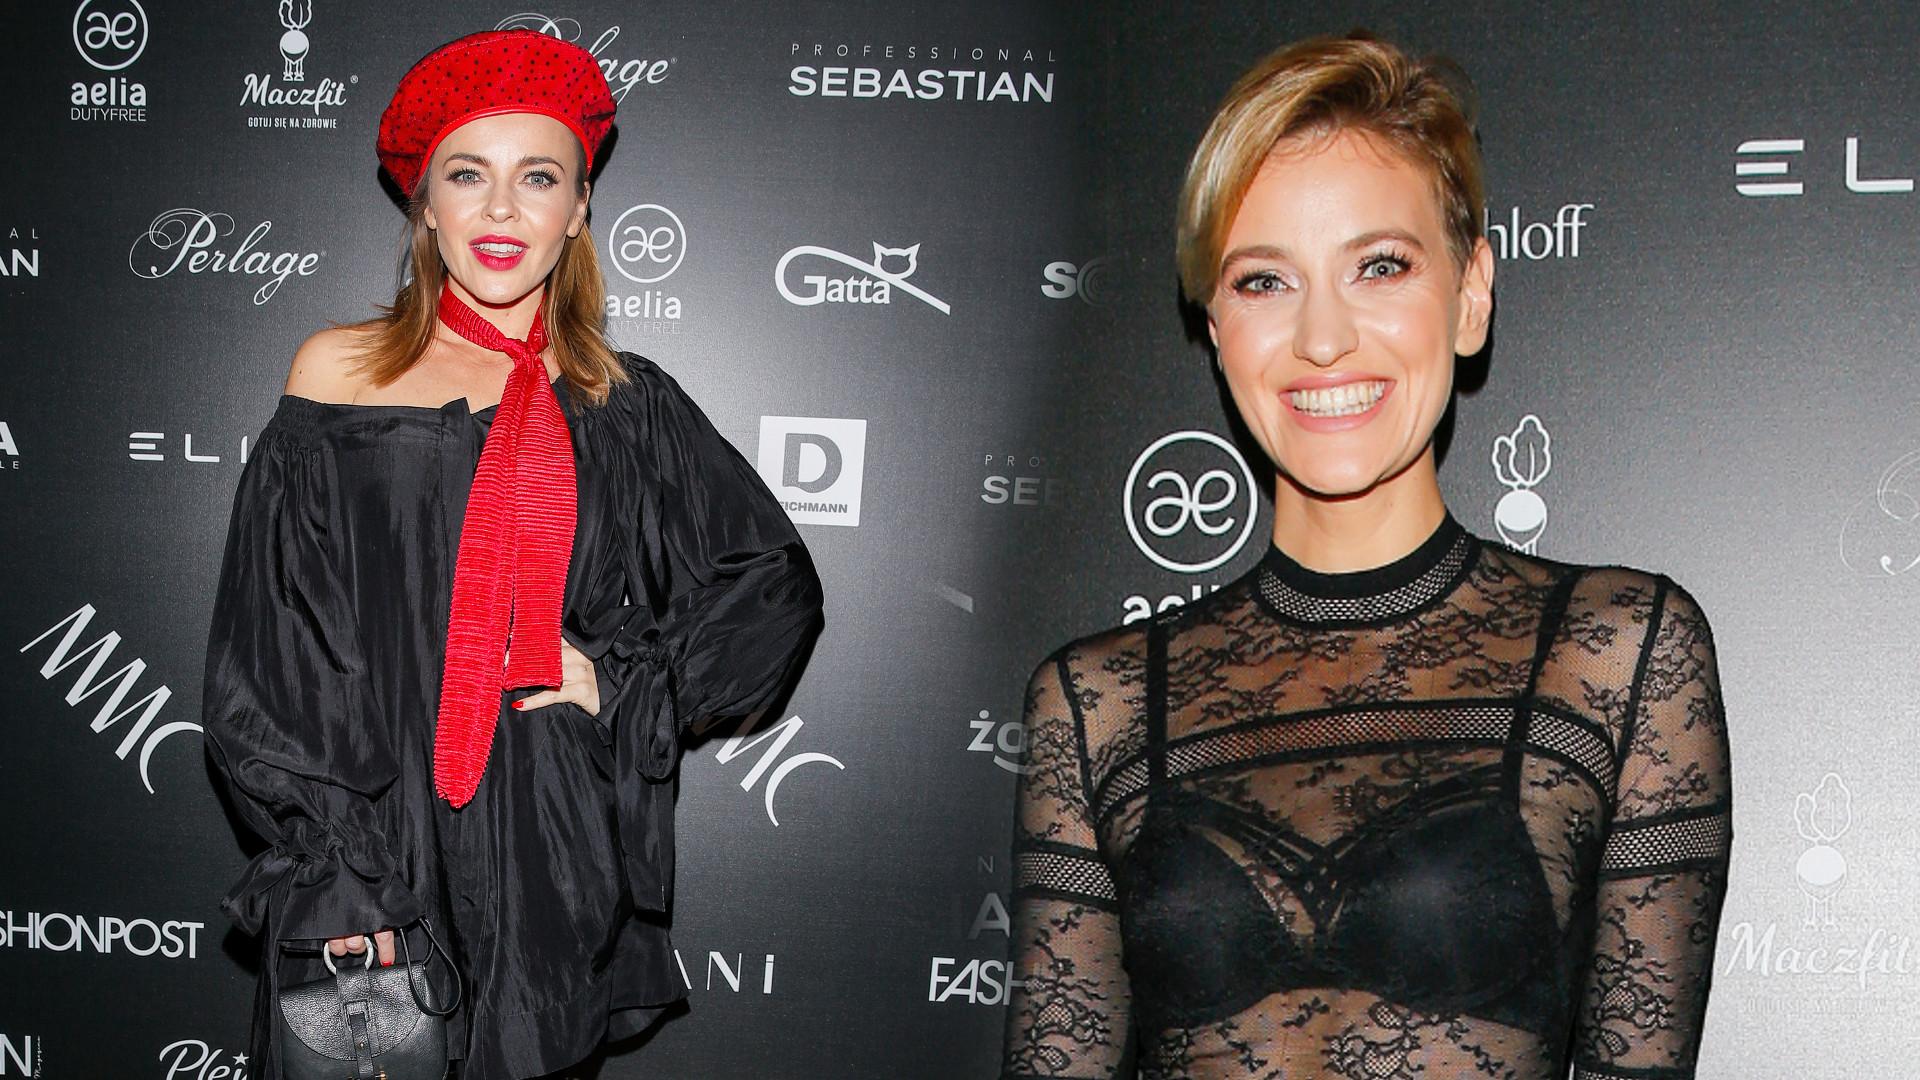 Gwiazdy na pokazie MMC: Drapieżna Lara Gessler i Renata Kaczoruk w przezroczystych bluzkach (FOTO)